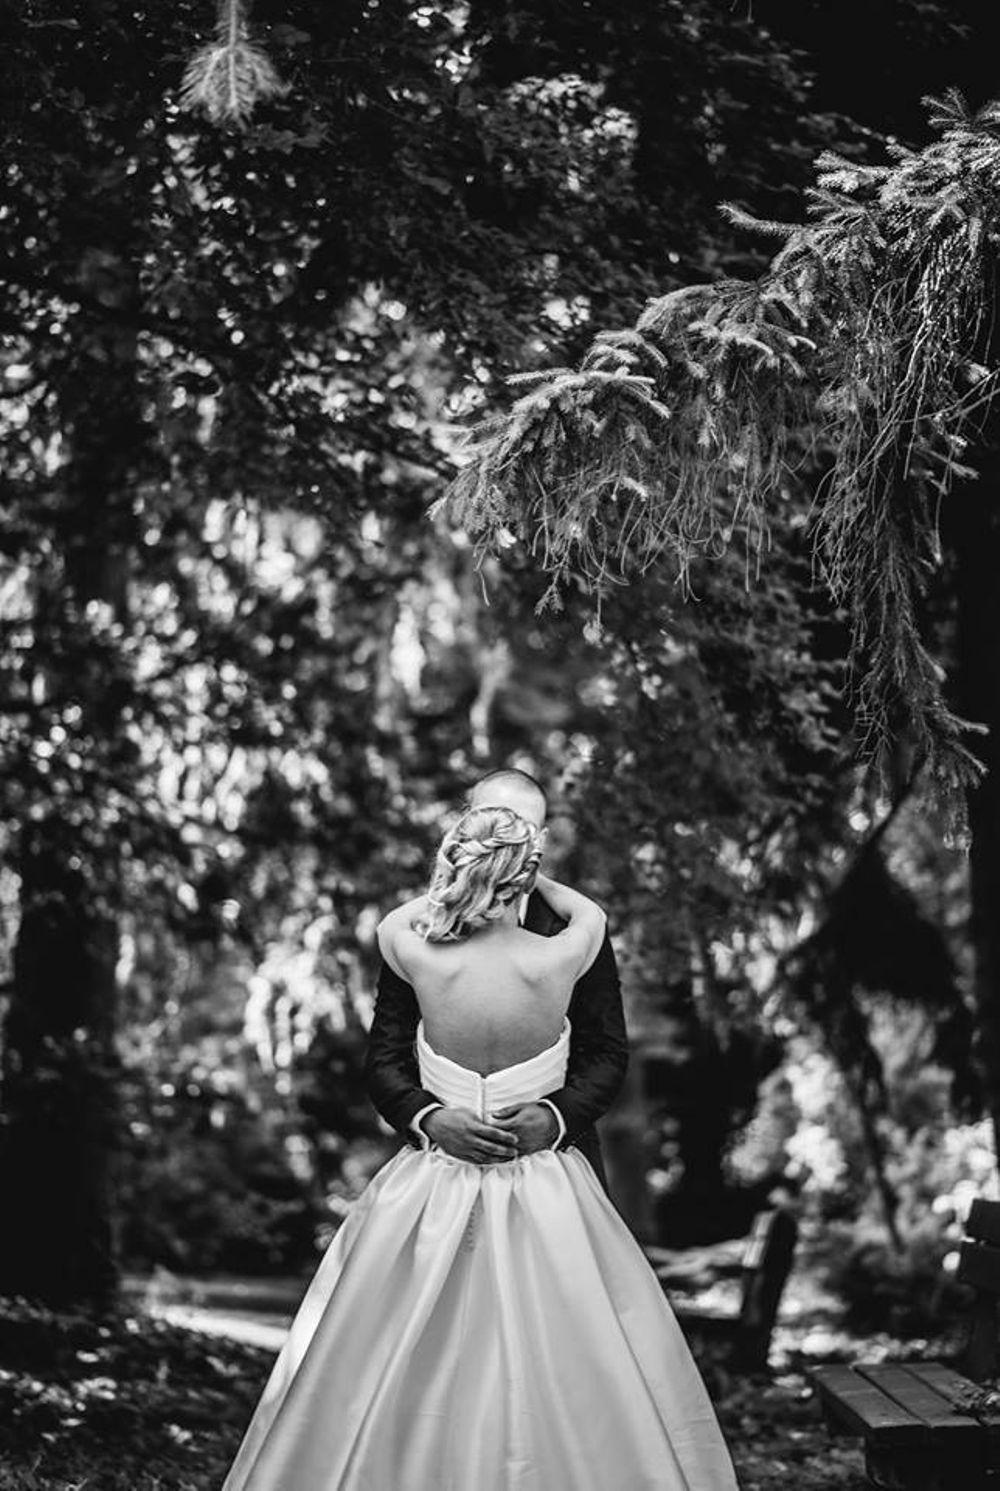 Martina Cimermanová photo